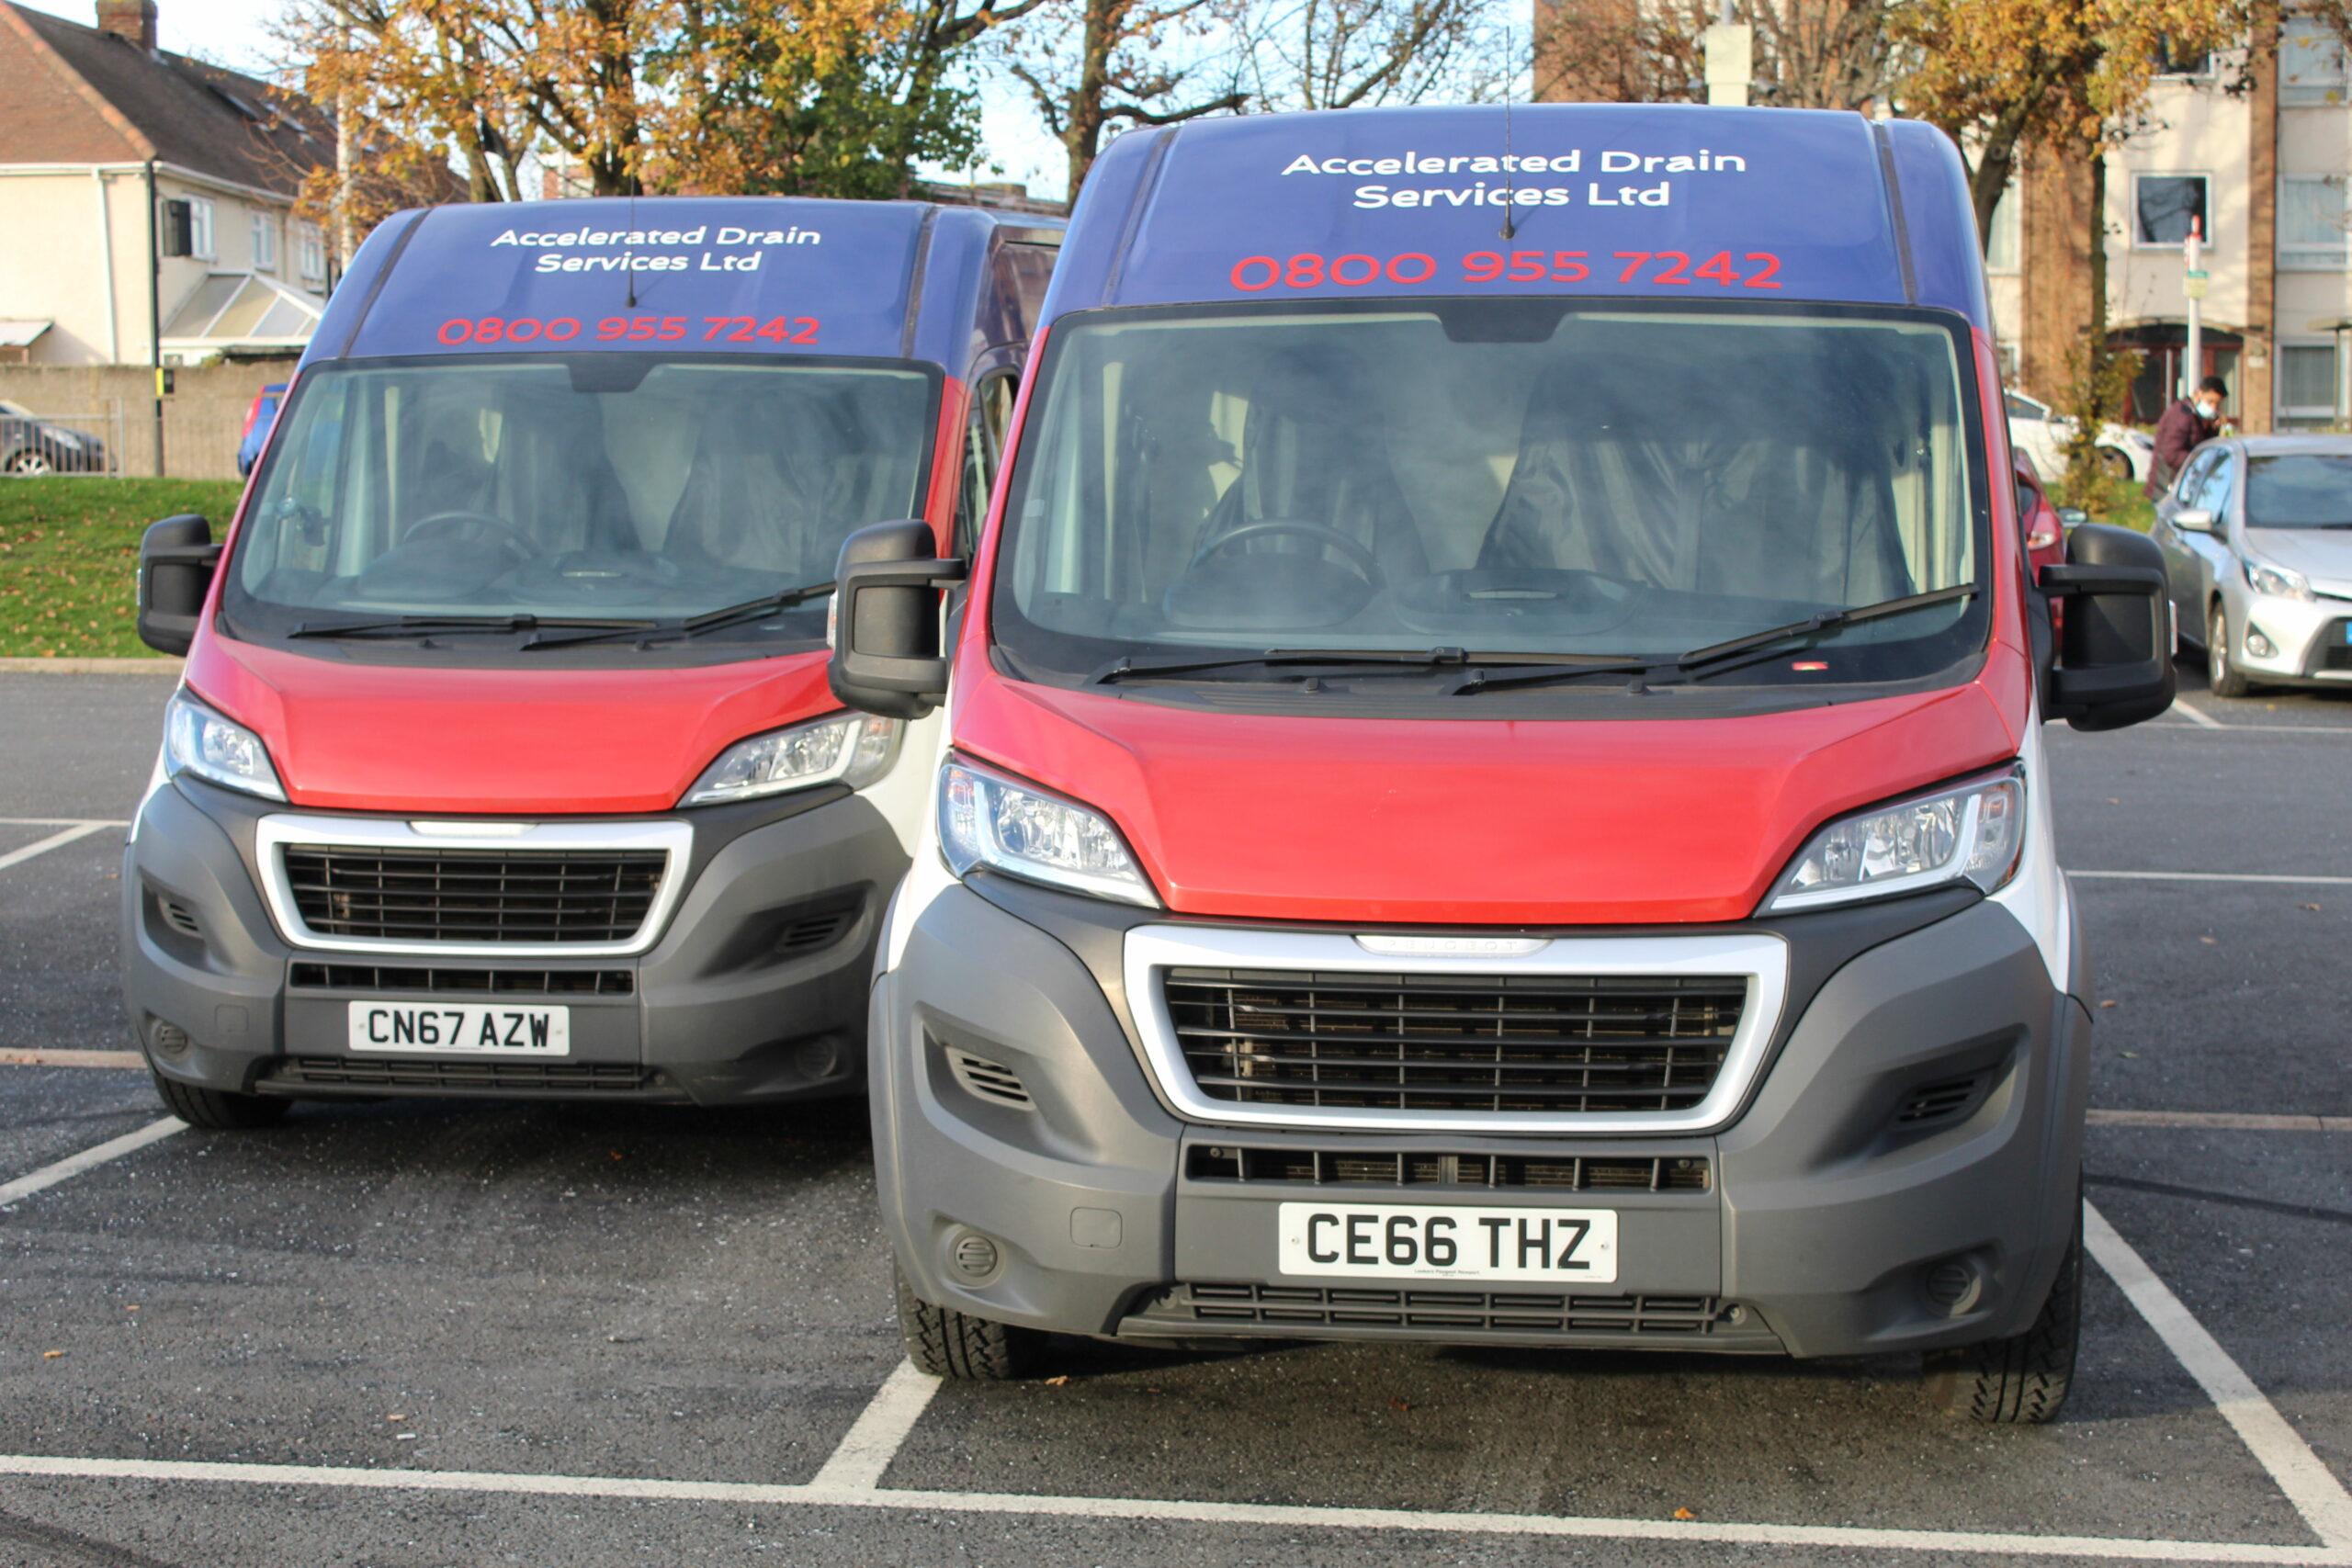 Accelerated Drain Services Ltd Vans